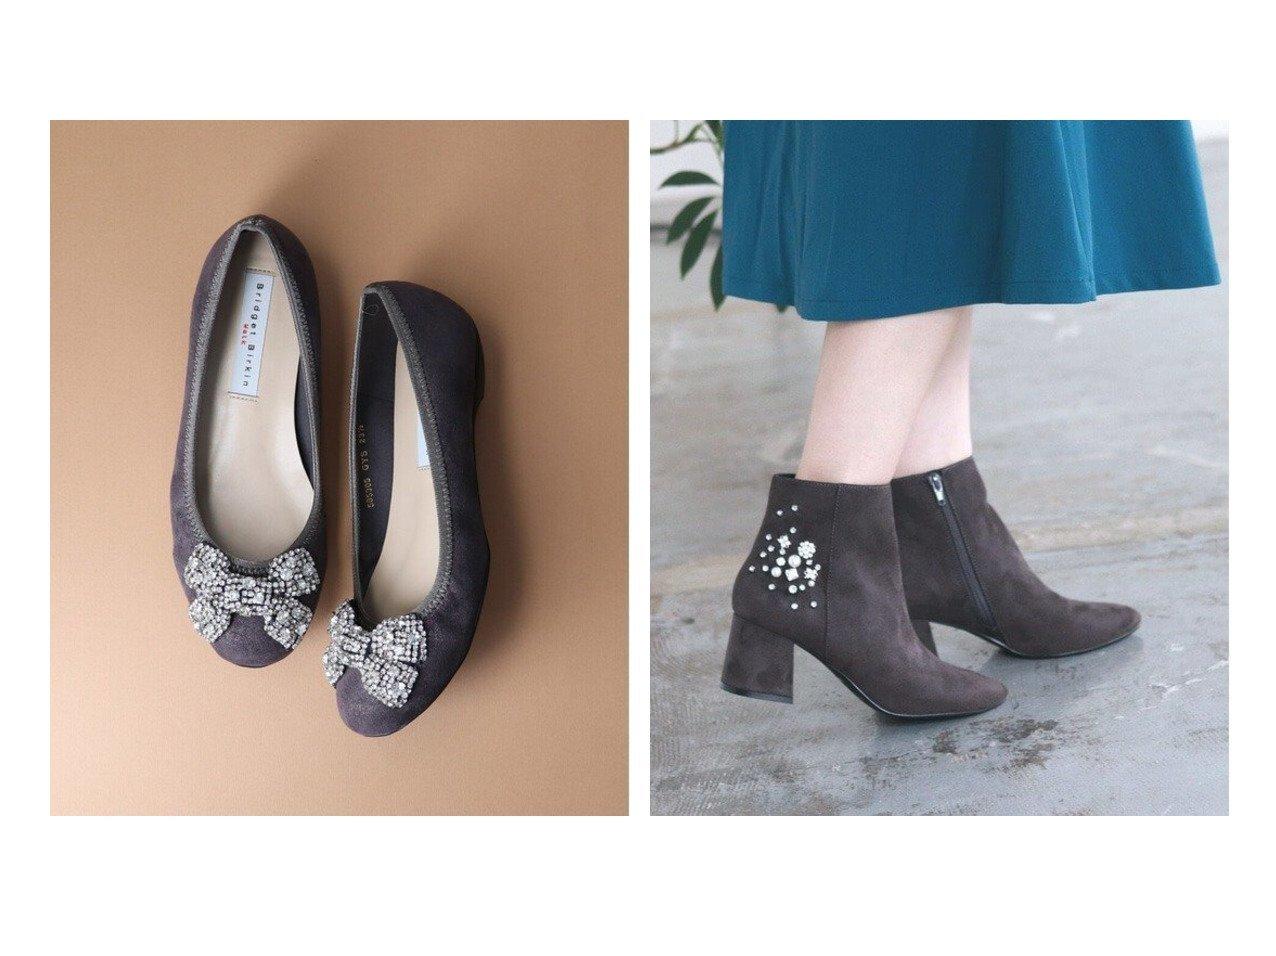 【Bridget Birkin/ブリジット バーキン】の【Bridget Birkin Walk】ダイヤビジューリボンウォーキングバレエパンプス&【Bridget Birkin】かかとビジューパールショートブーツ シューズ・靴のおすすめ!人気、レディースファッションの通販 おすすめで人気のファッション通販商品 インテリア・家具・キッズファッション・メンズファッション・レディースファッション・服の通販 founy(ファニー) https://founy.com/ ファッション Fashion レディース WOMEN シューズ フィット リボン クッション ショート バランス パール ビジュー ボトム ミモレ ロング |ID:crp329100000000995